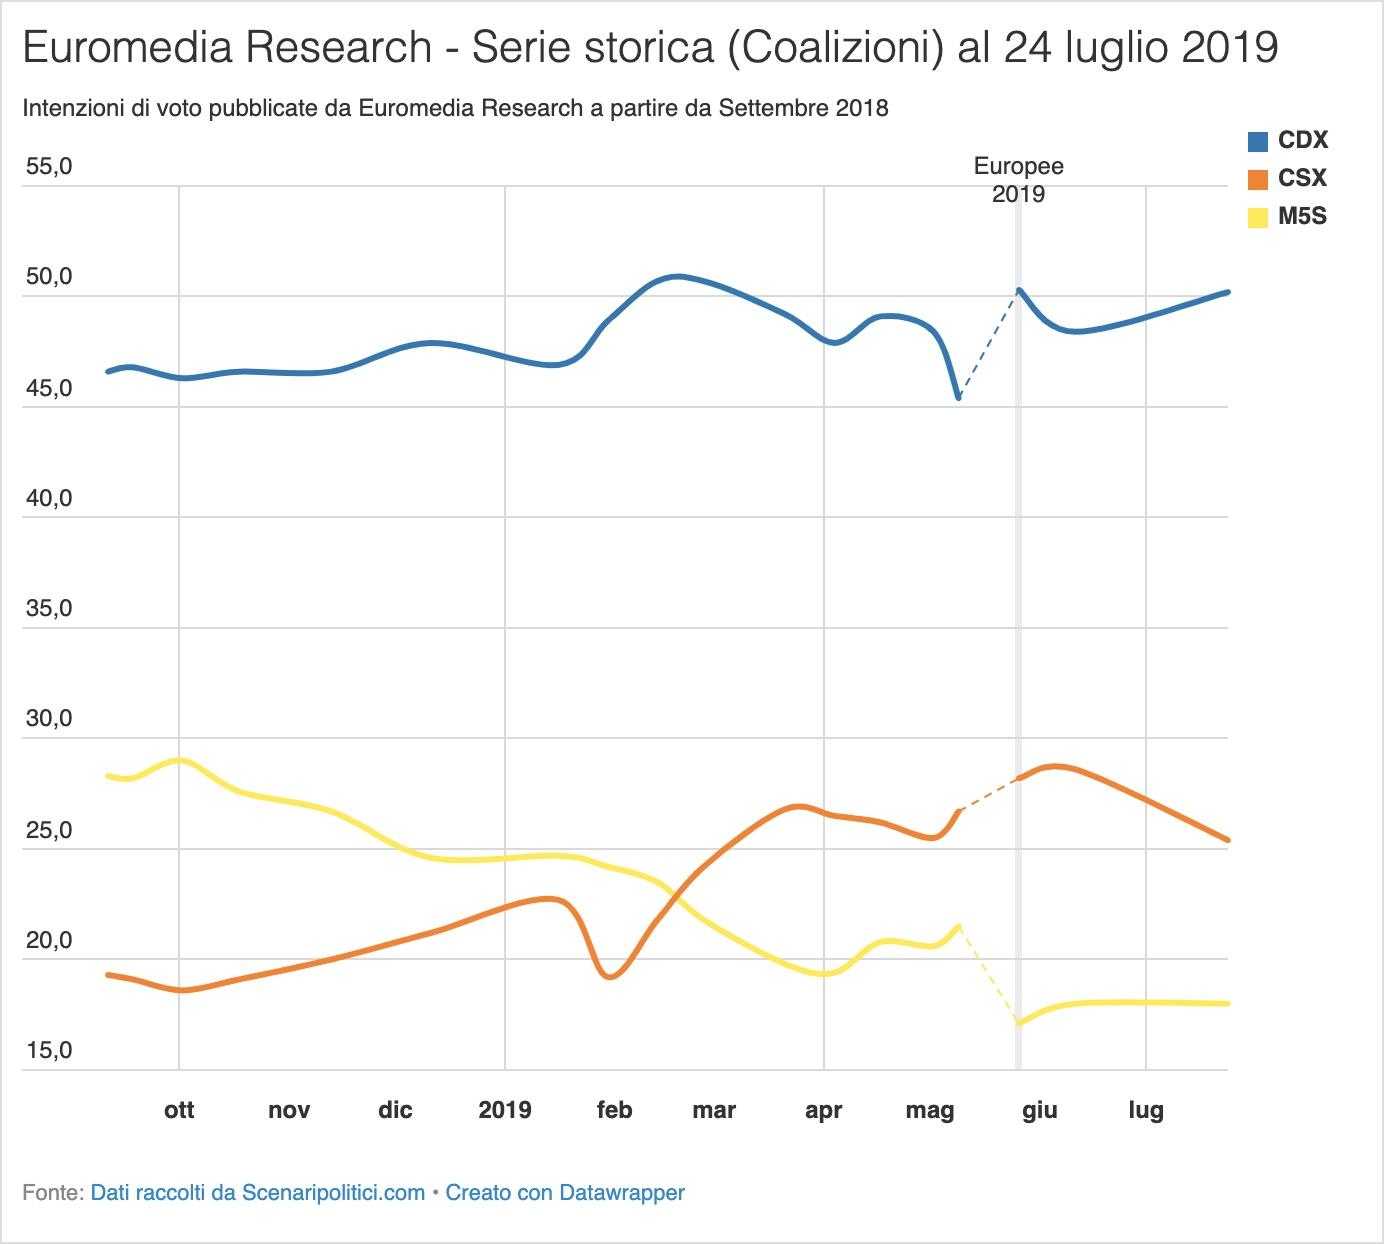 Sondaggio Euromedia Research 24 luglio 2019